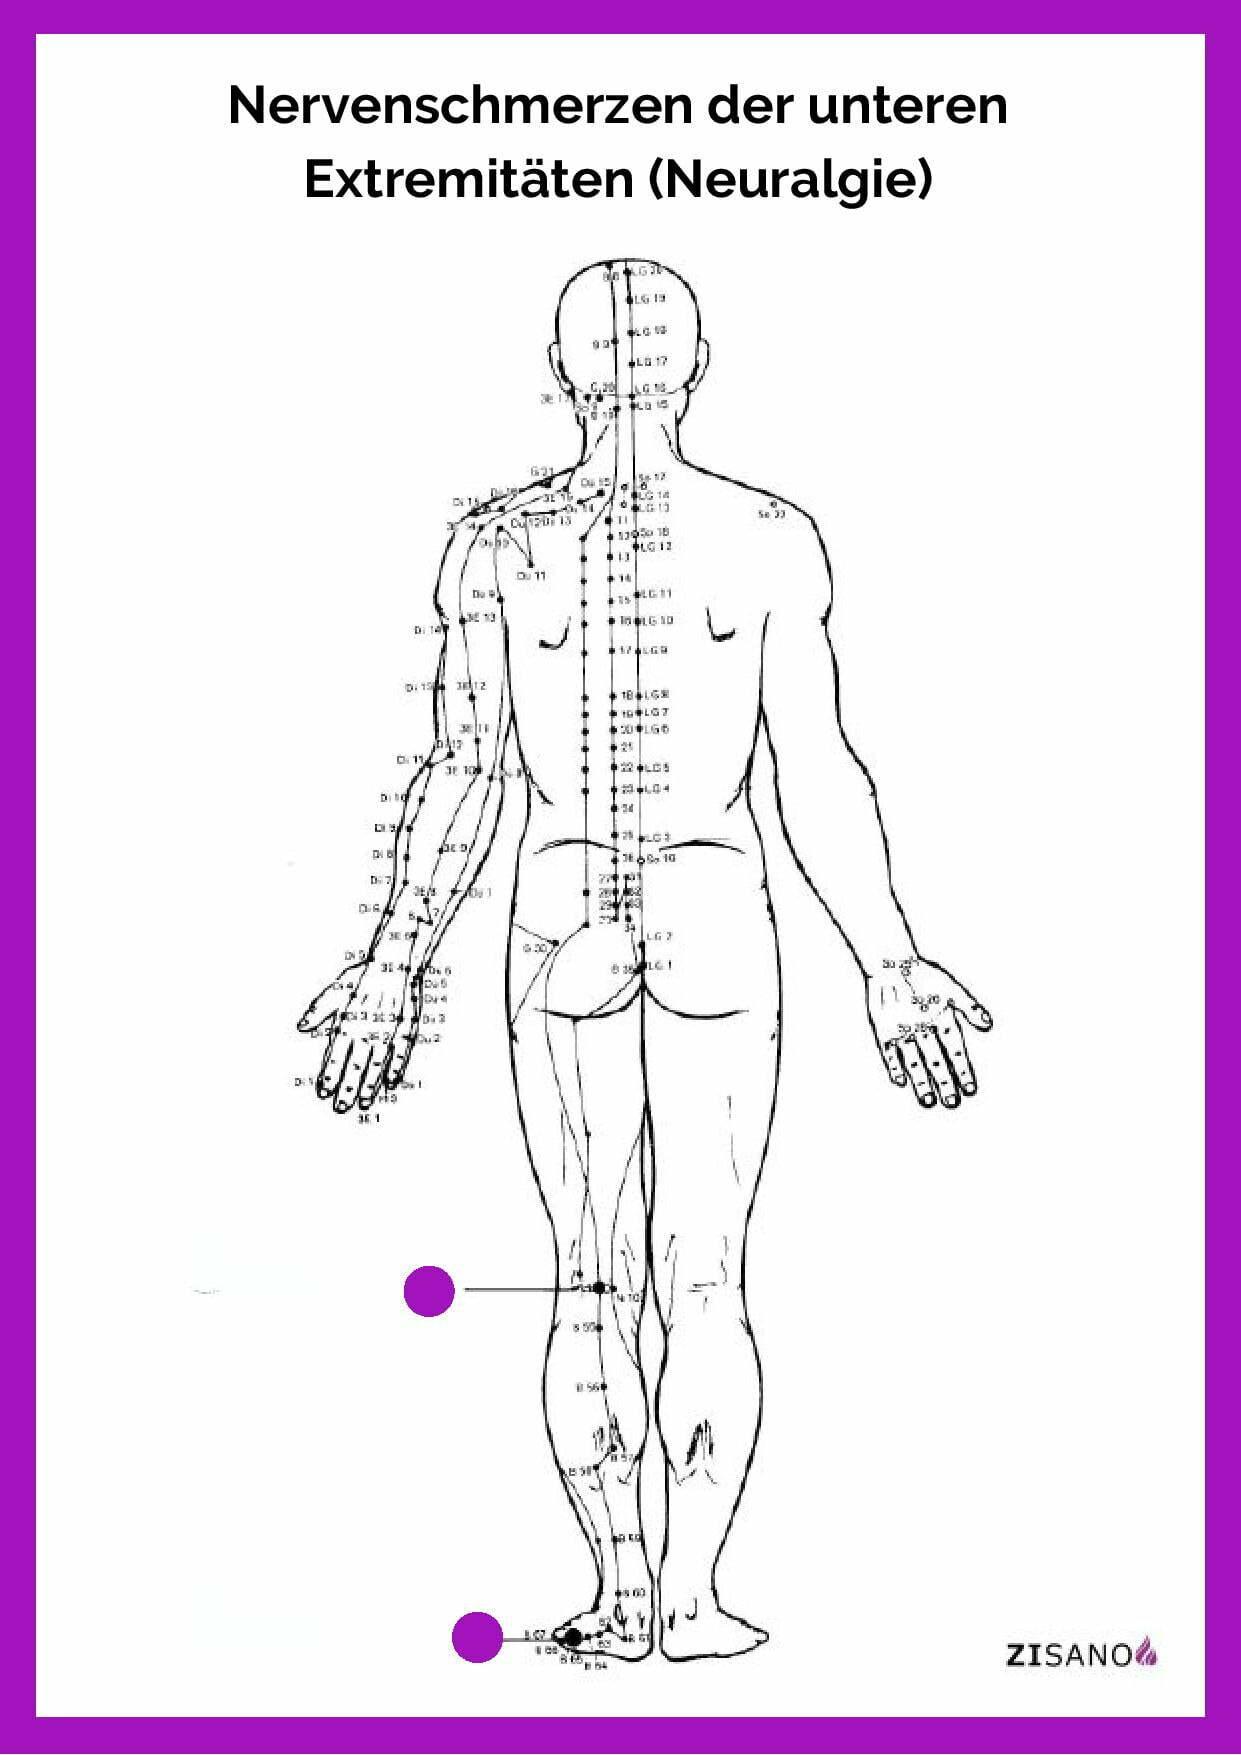 Meridiane - Nervenschmerzen der unteren Extremitäten - Neuralgie - Beschwerden